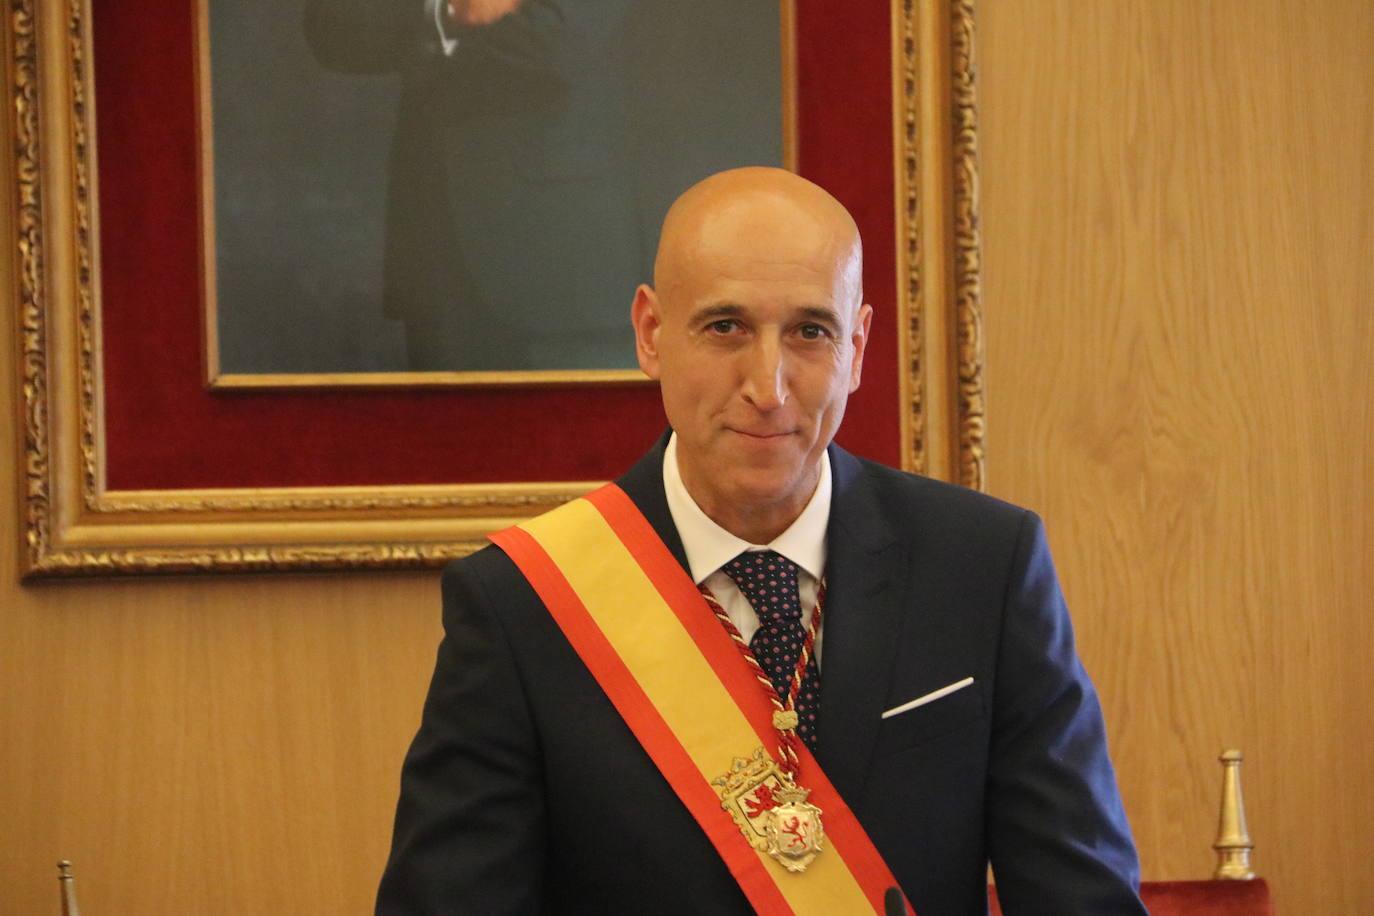 Investidura del nuevo alcalde, el socialista José Antonio Diez